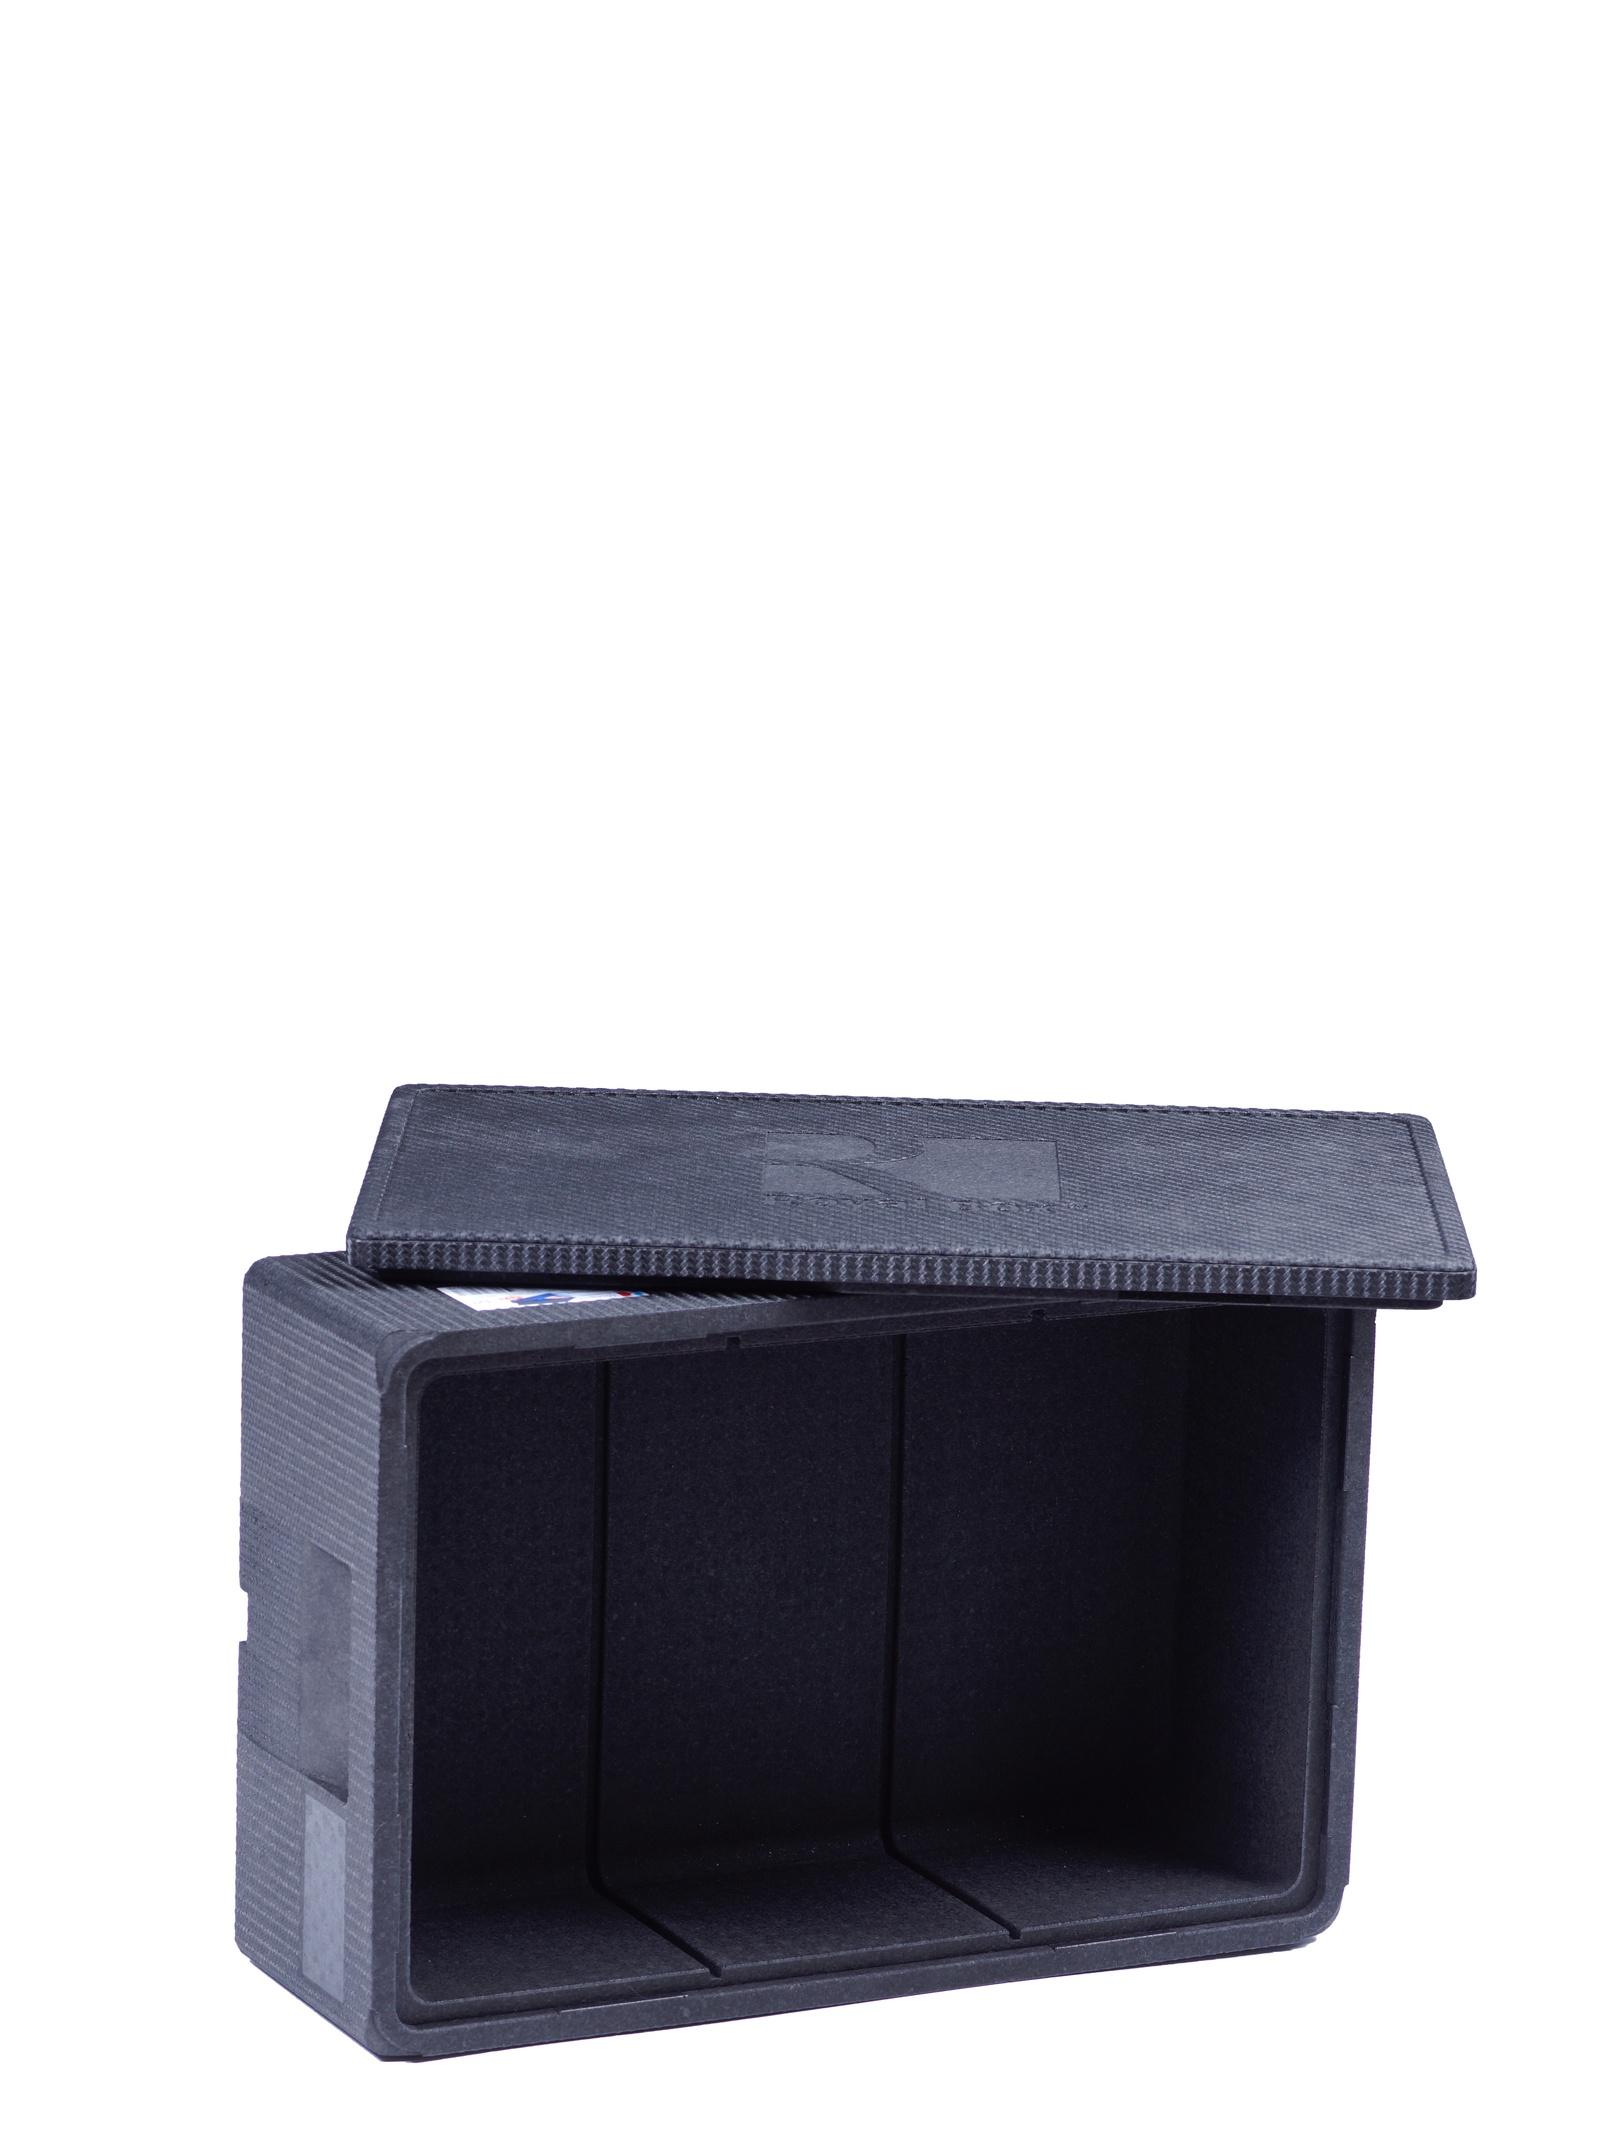 Изотермический контейнер Royal Box Unique черный, 32л